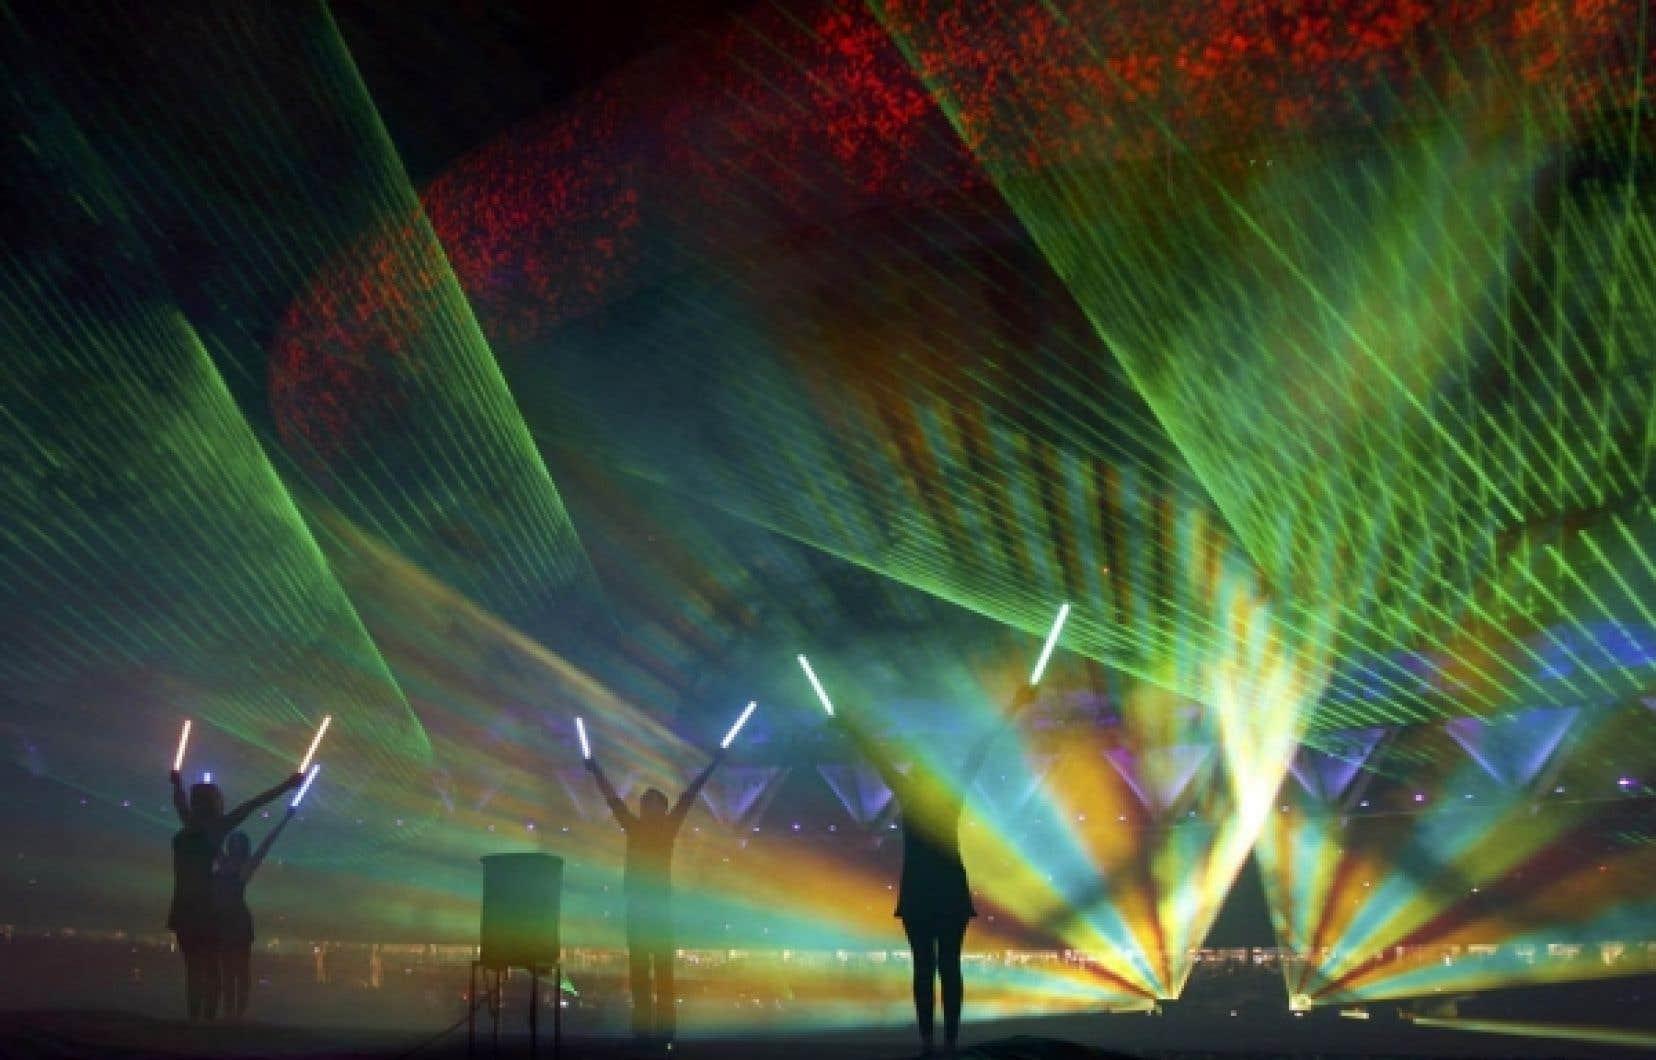 Effets pyrotechniques, rayons laser, musique, le spectacle de clôture des Jeux du Commonwealth, à New Delhi, était haut en couleurs.<br />